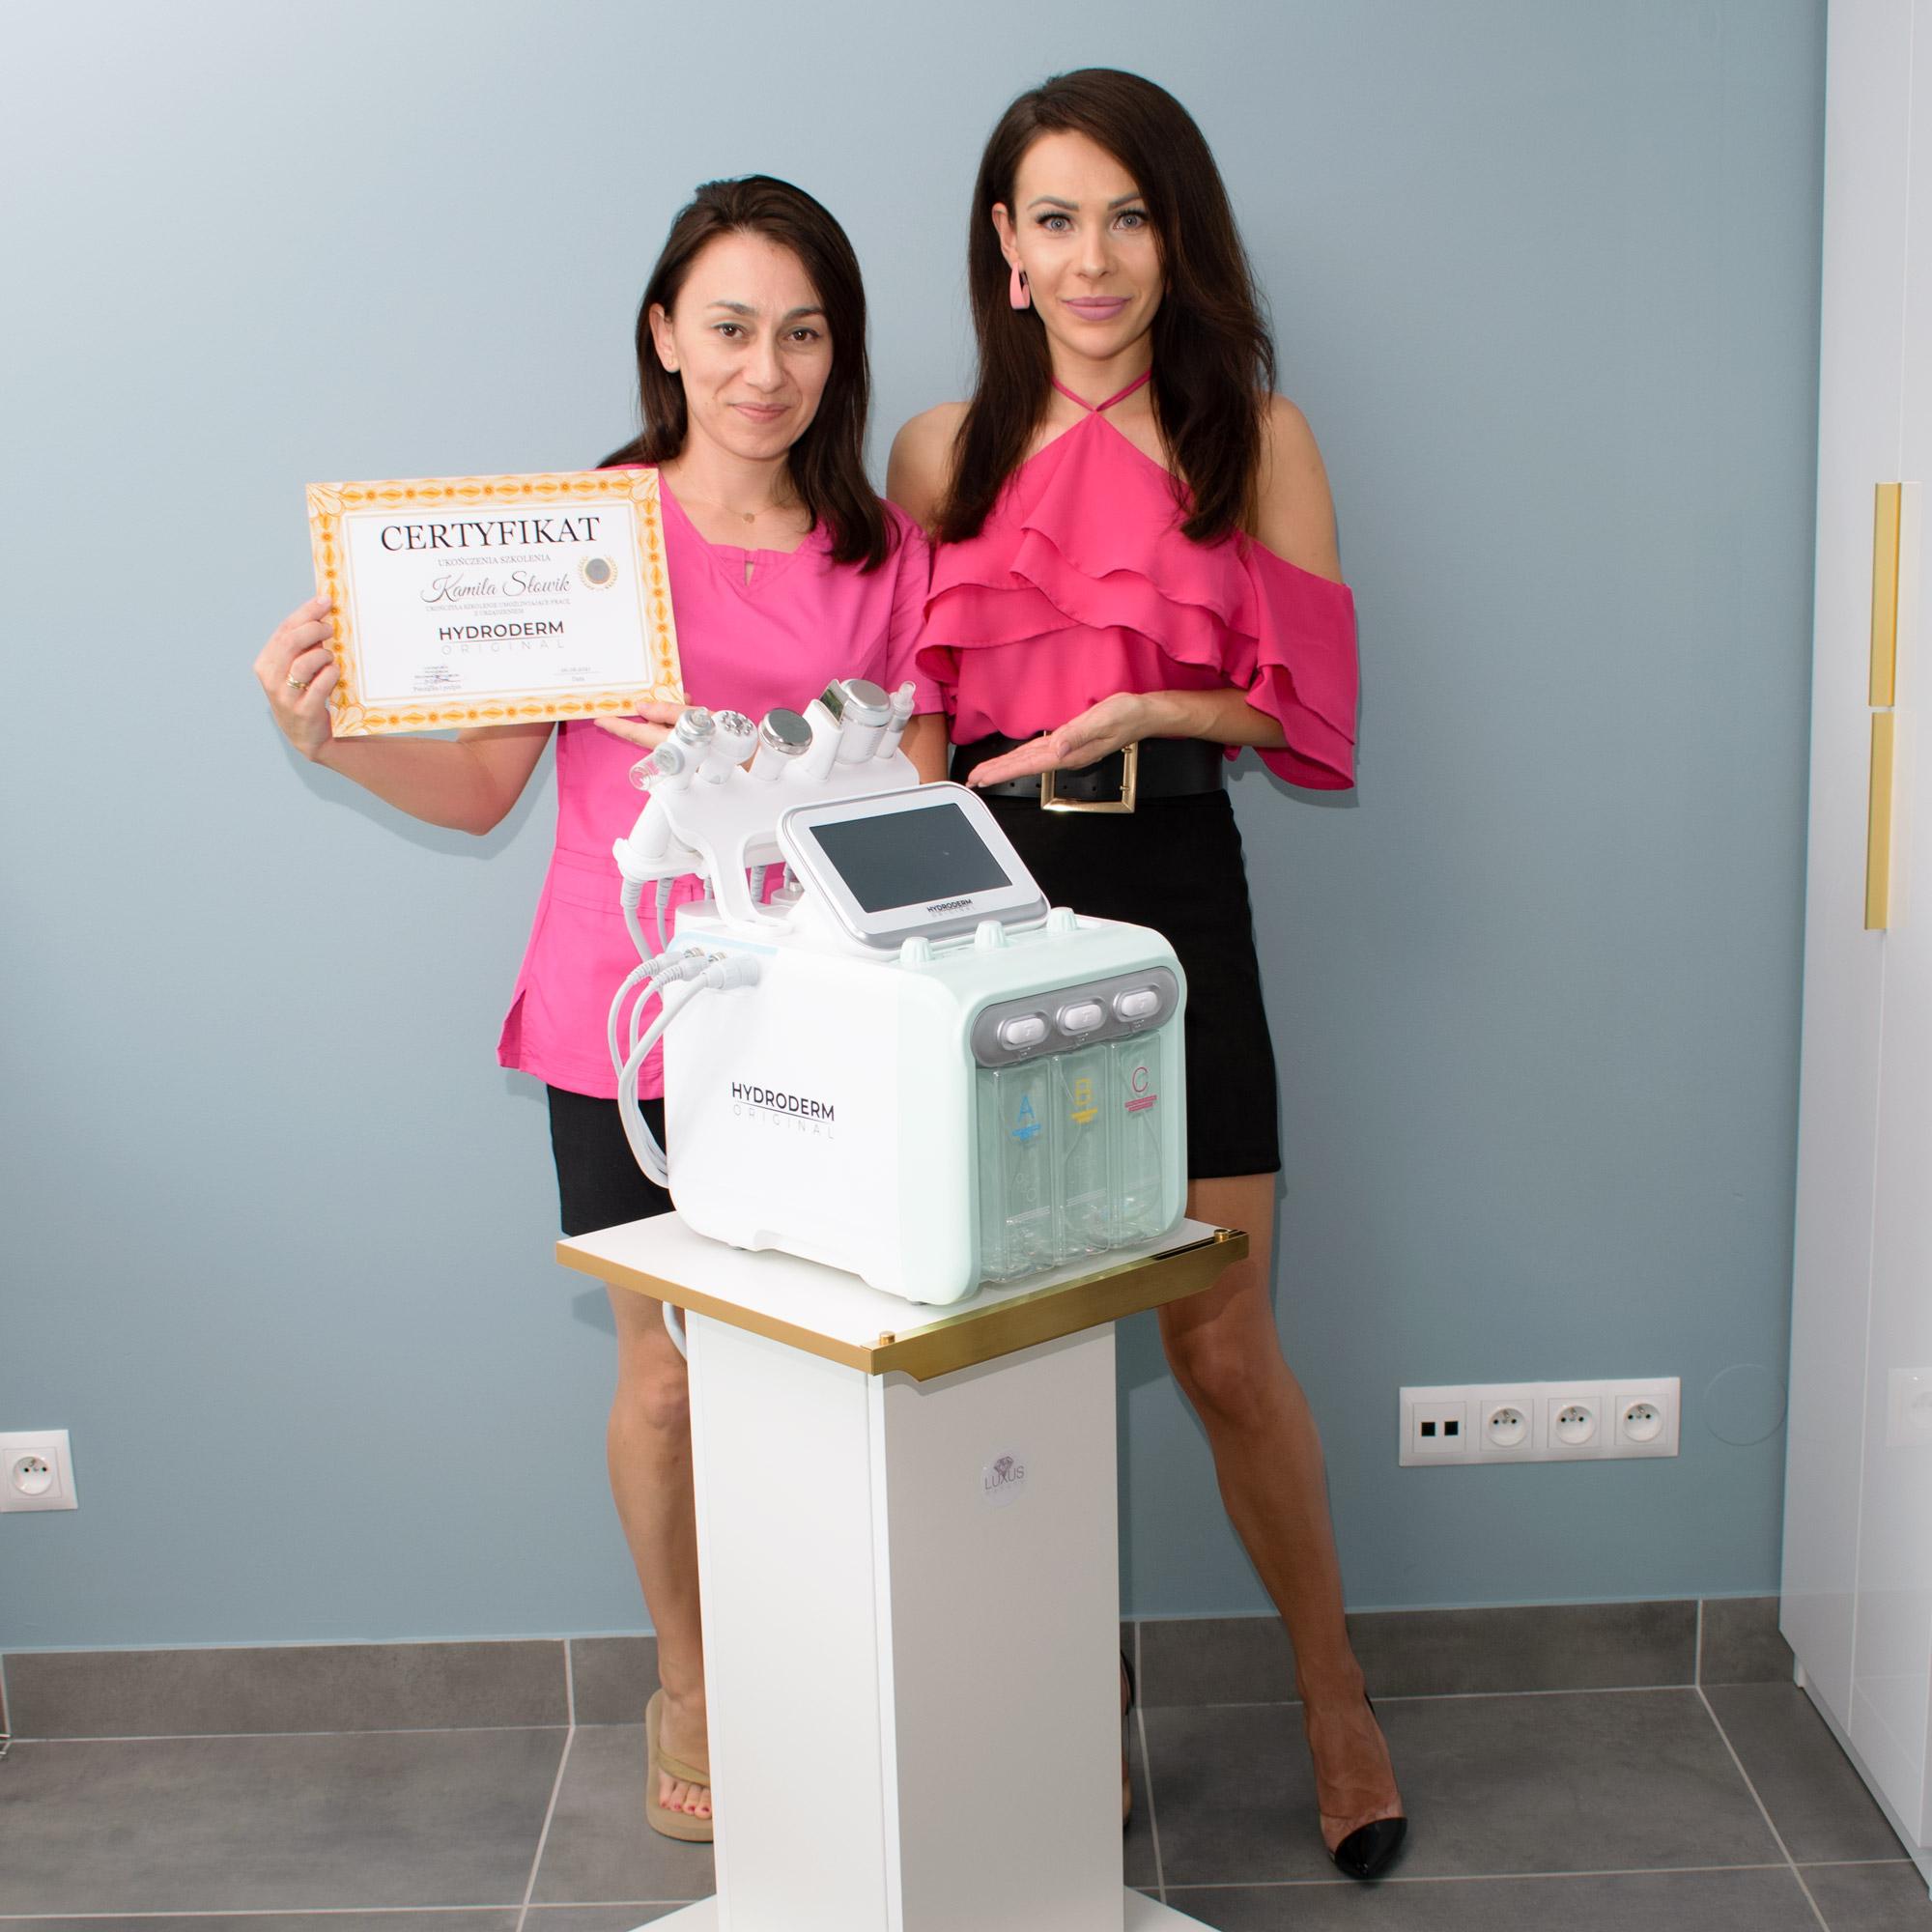 Zobacz jak wygląda szczęśliwa klientka kursu z nabytą umiejętnością oczyszczania wodorowego